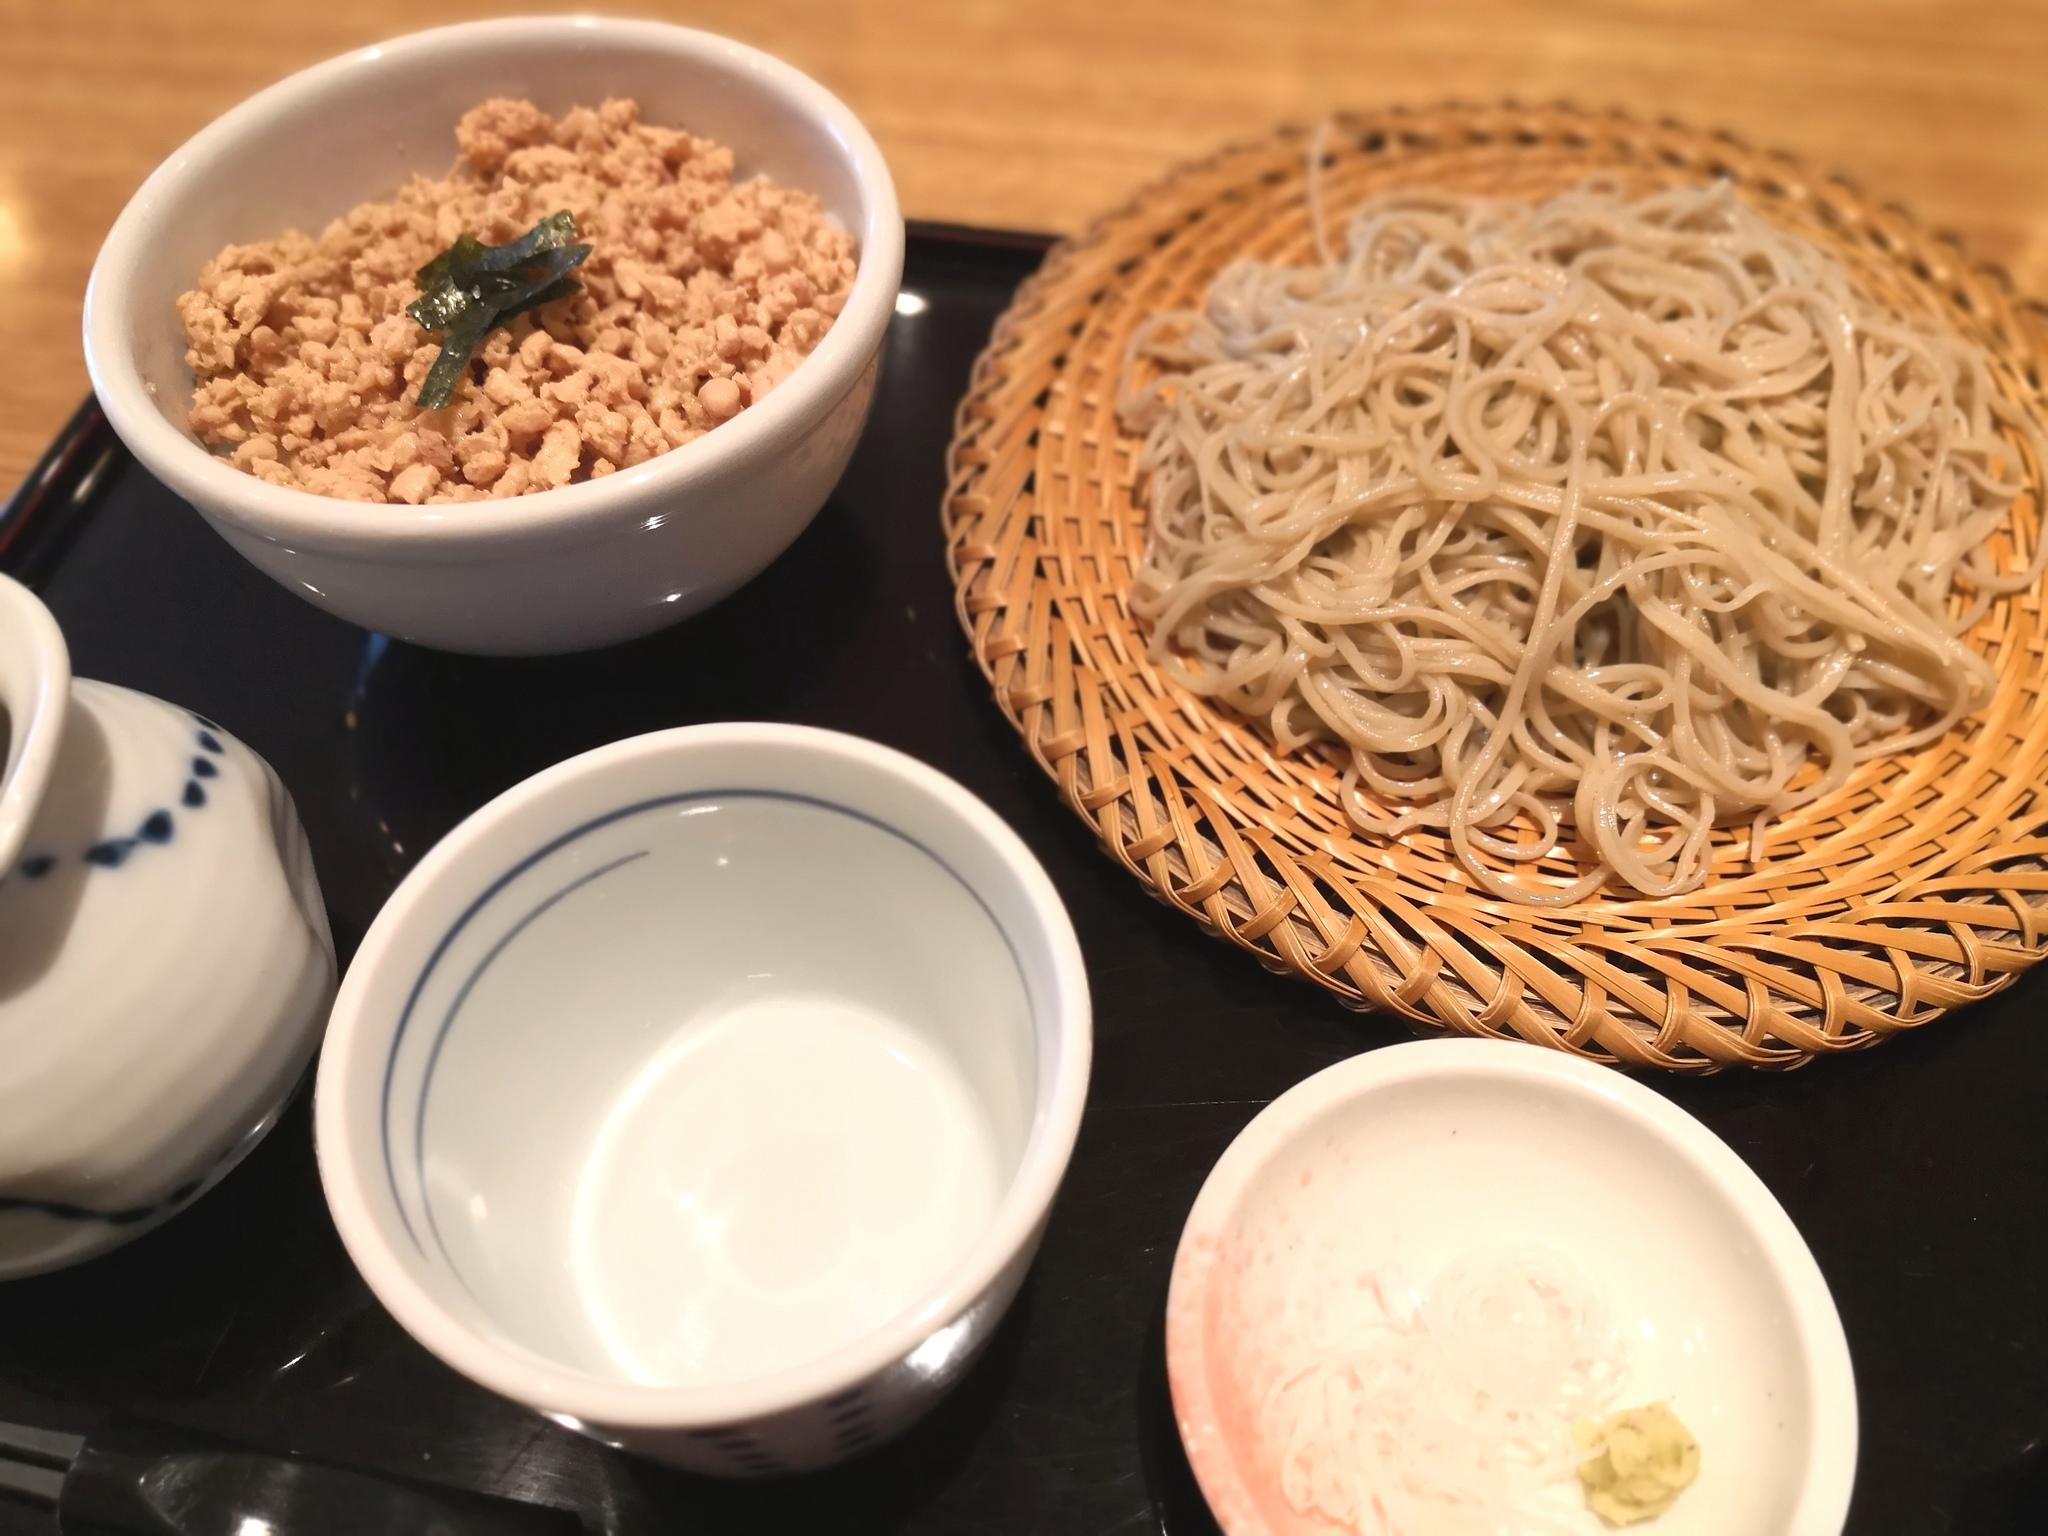 【五反田】倉一@キリリとしたお蕎麦が良い感じ。ジャズが流れる住宅街にありそうなお店。